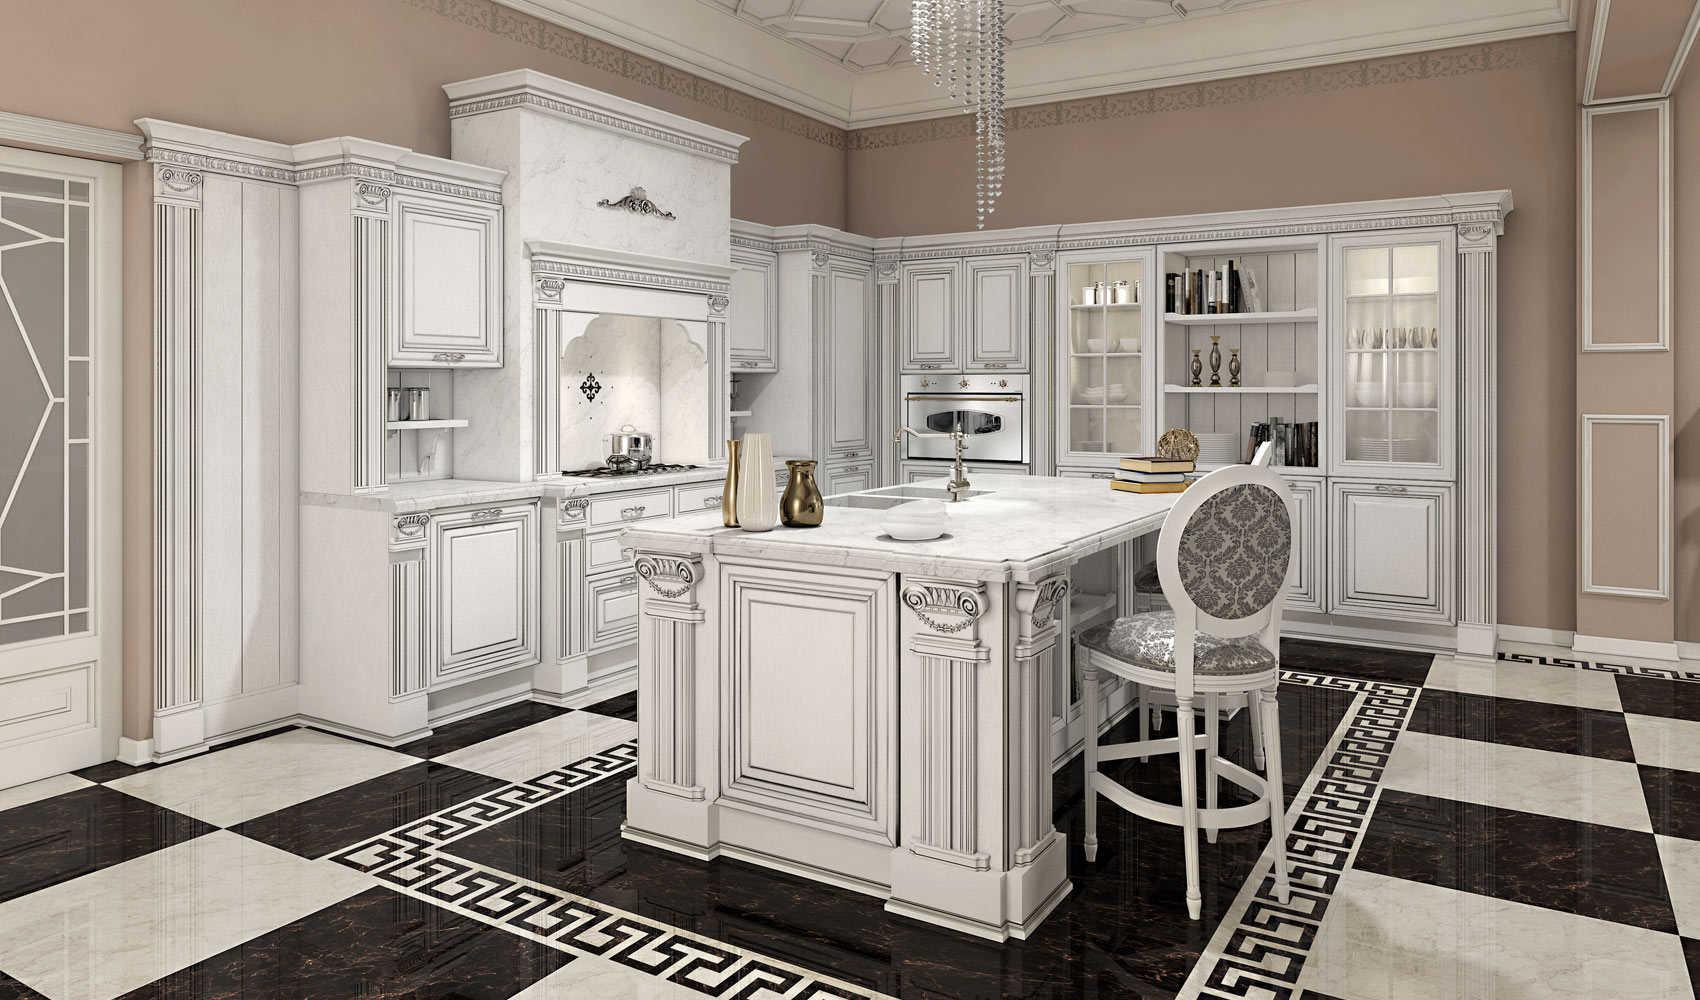 Awesome Negozi Arredamento Treviso Ideas - Brentwoodseasidecabins ...